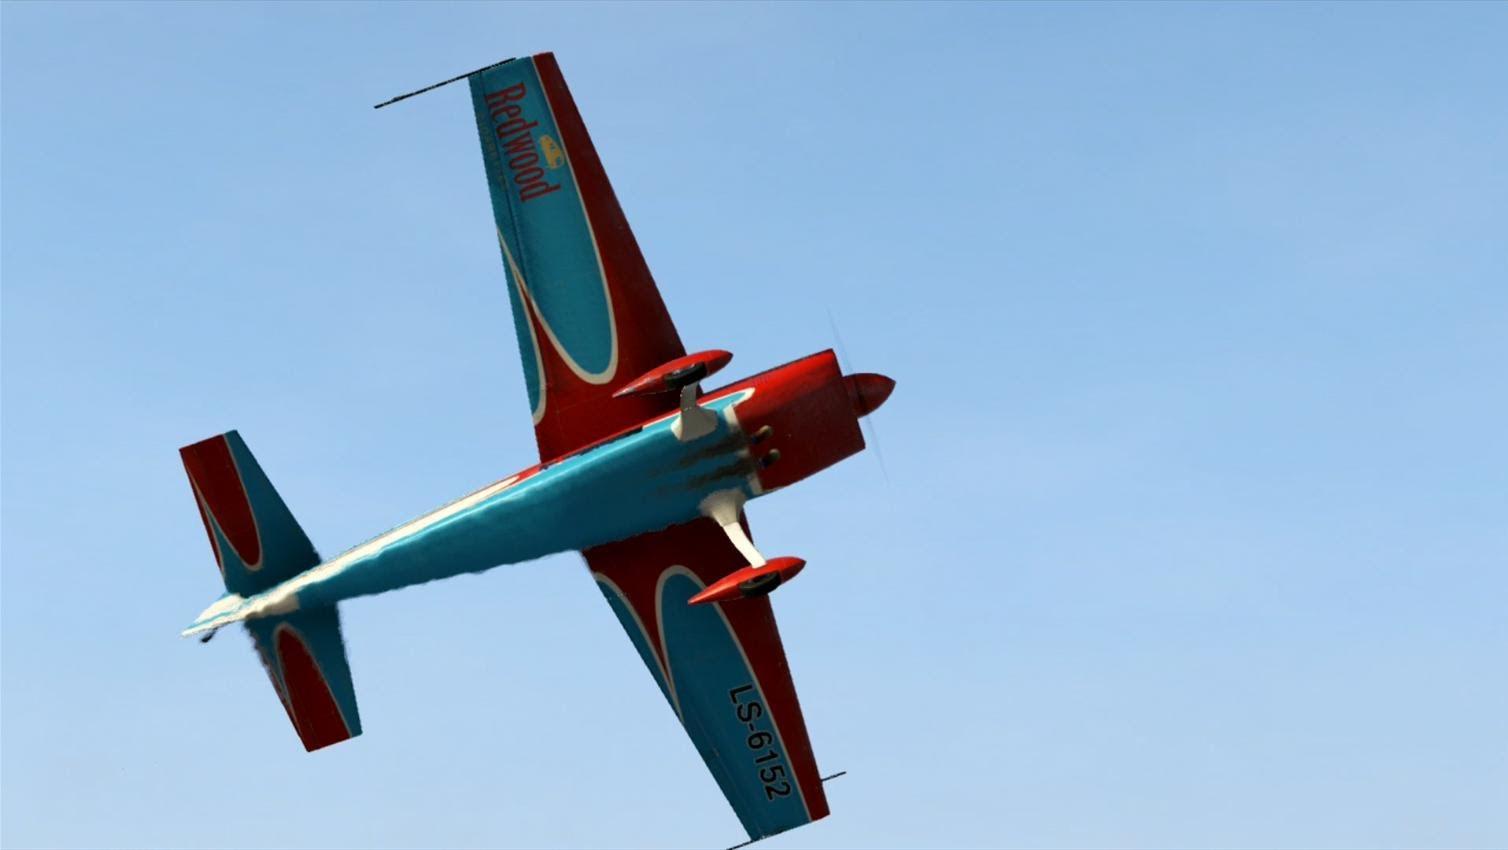 Aeroplane cheats in GTA 5